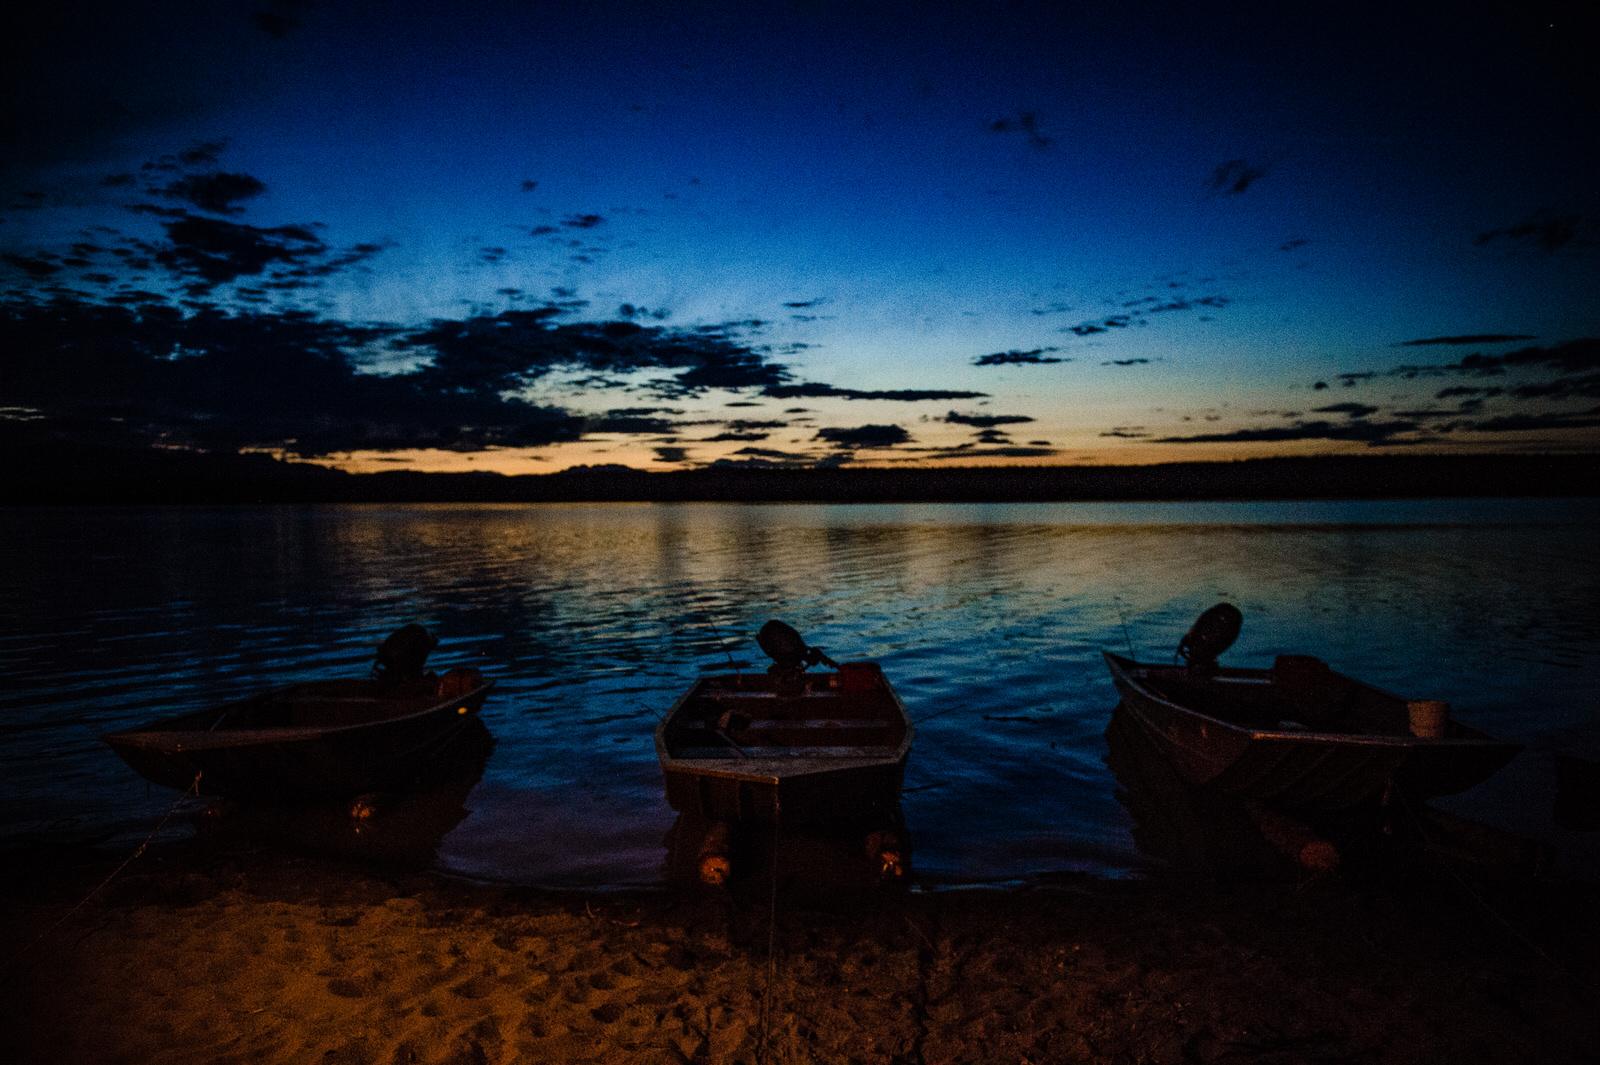 Beluga_lake_alaska_fly_out_fishing_trip (33).jpg